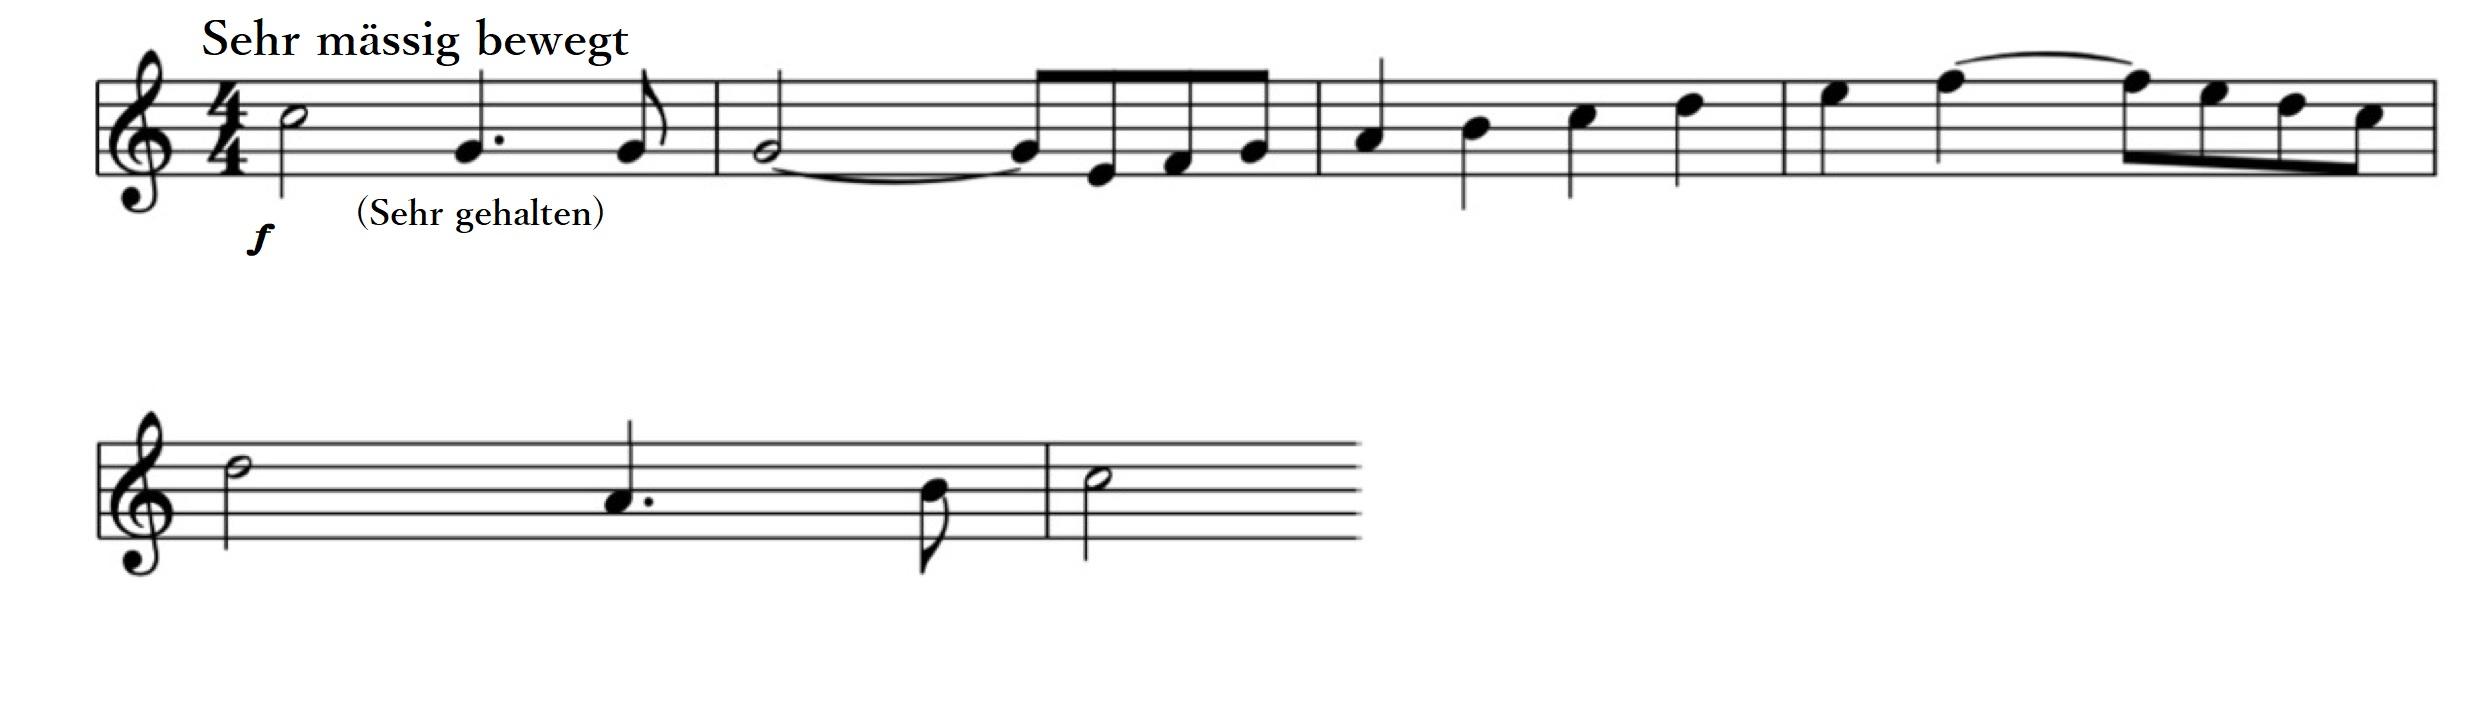 冒頭から全員で演奏される、最も重要な動機です。マイスタージンガーの威厳を表す動機として幾度となく登場します。